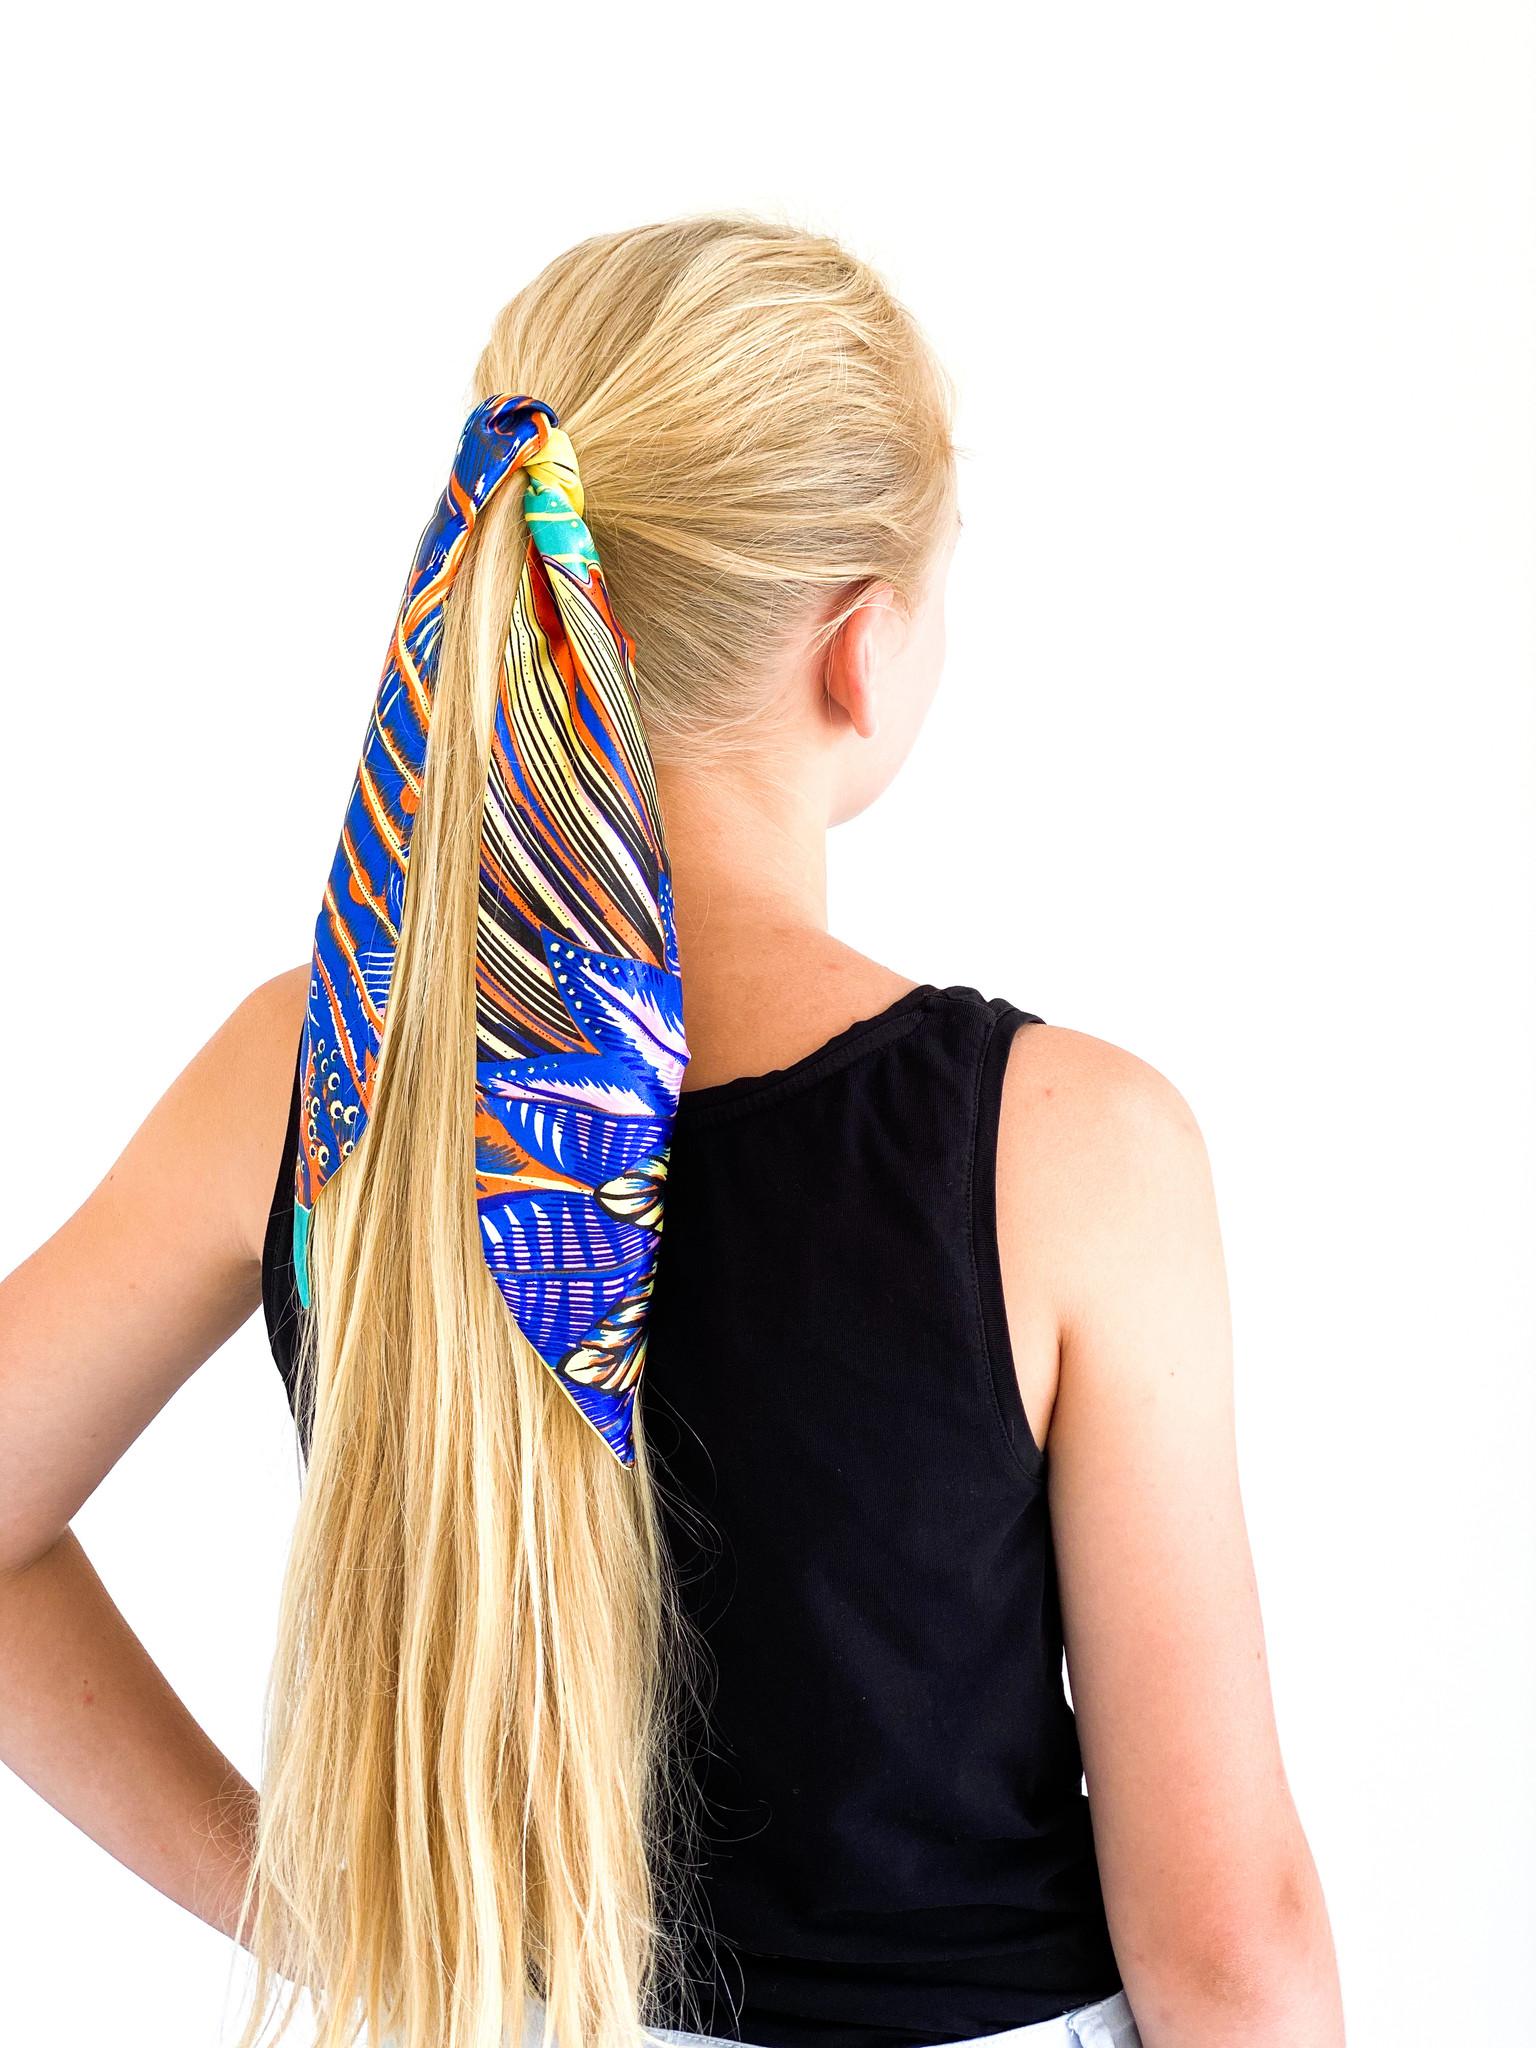 Hoe draag je Haarsjaaltjes?